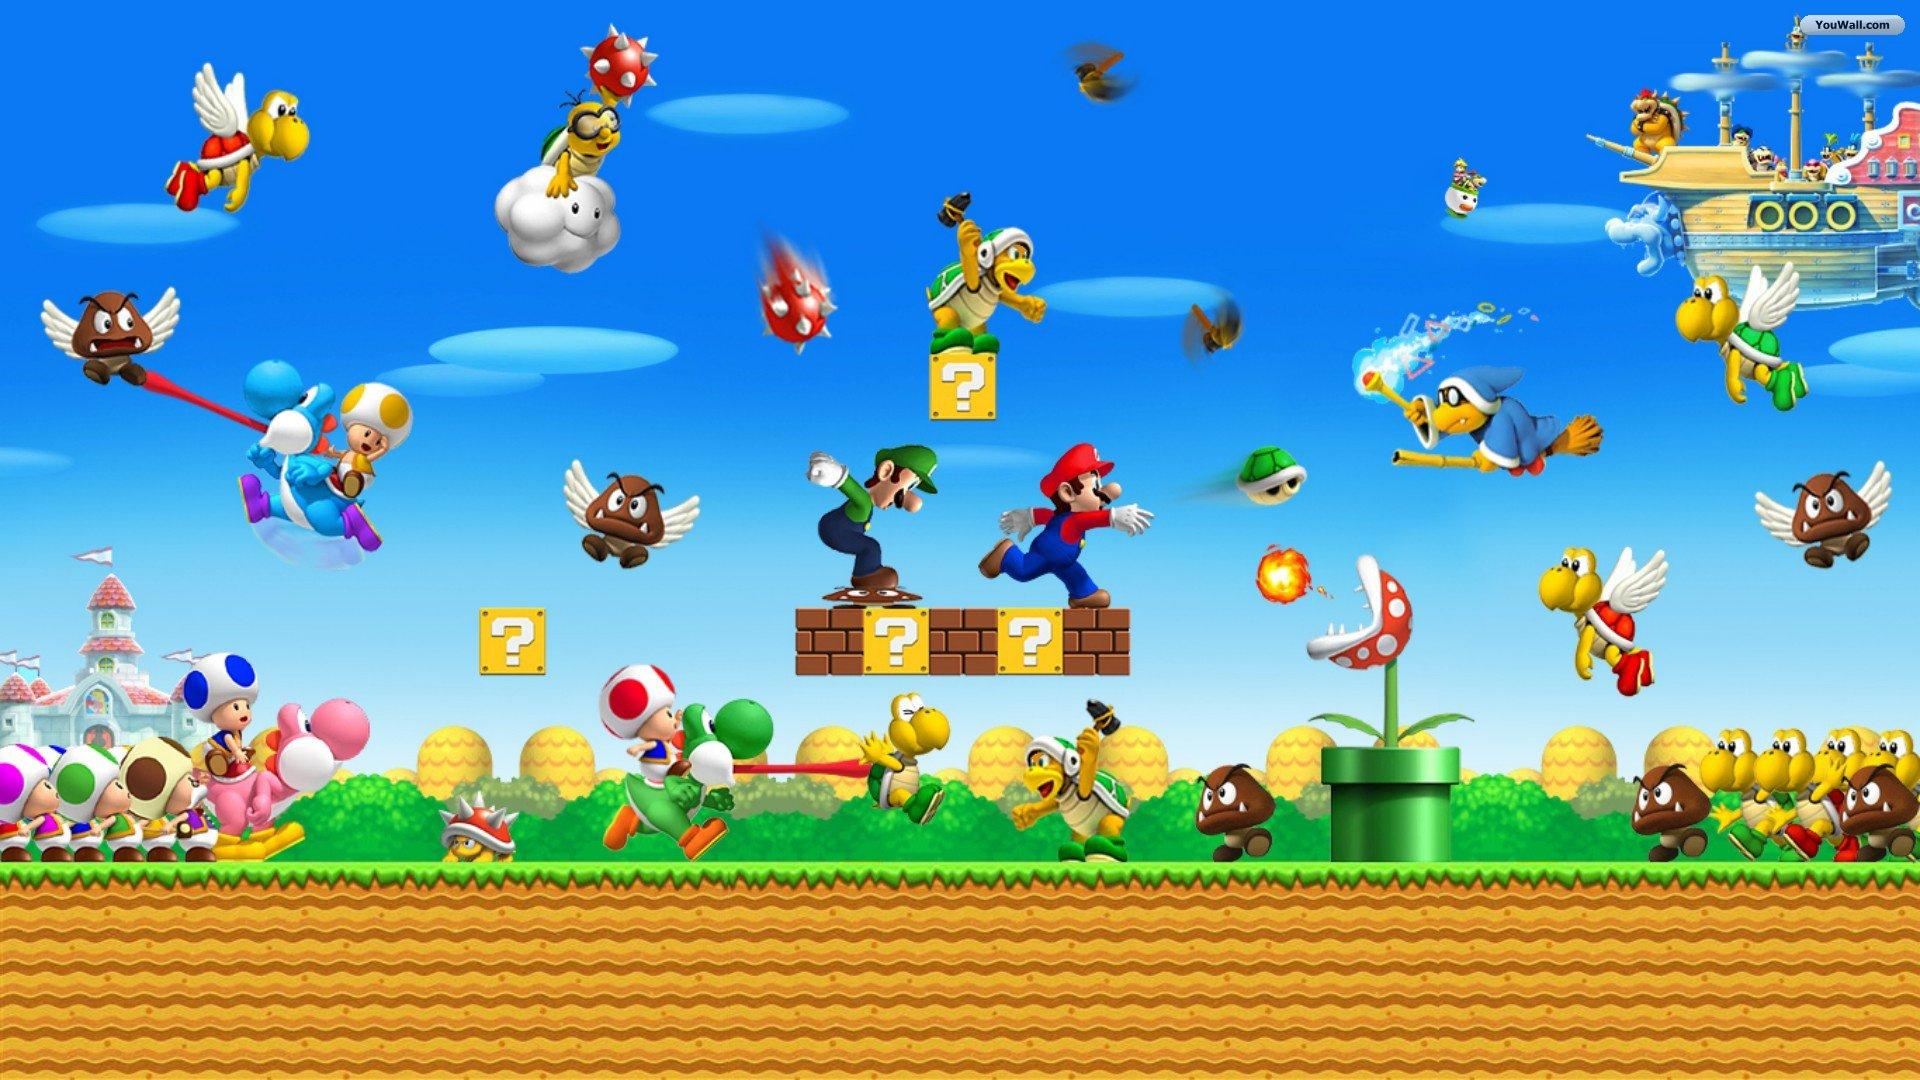 Super Mario Wallpaper 5091 1920x1080 px HDWallSourcecom